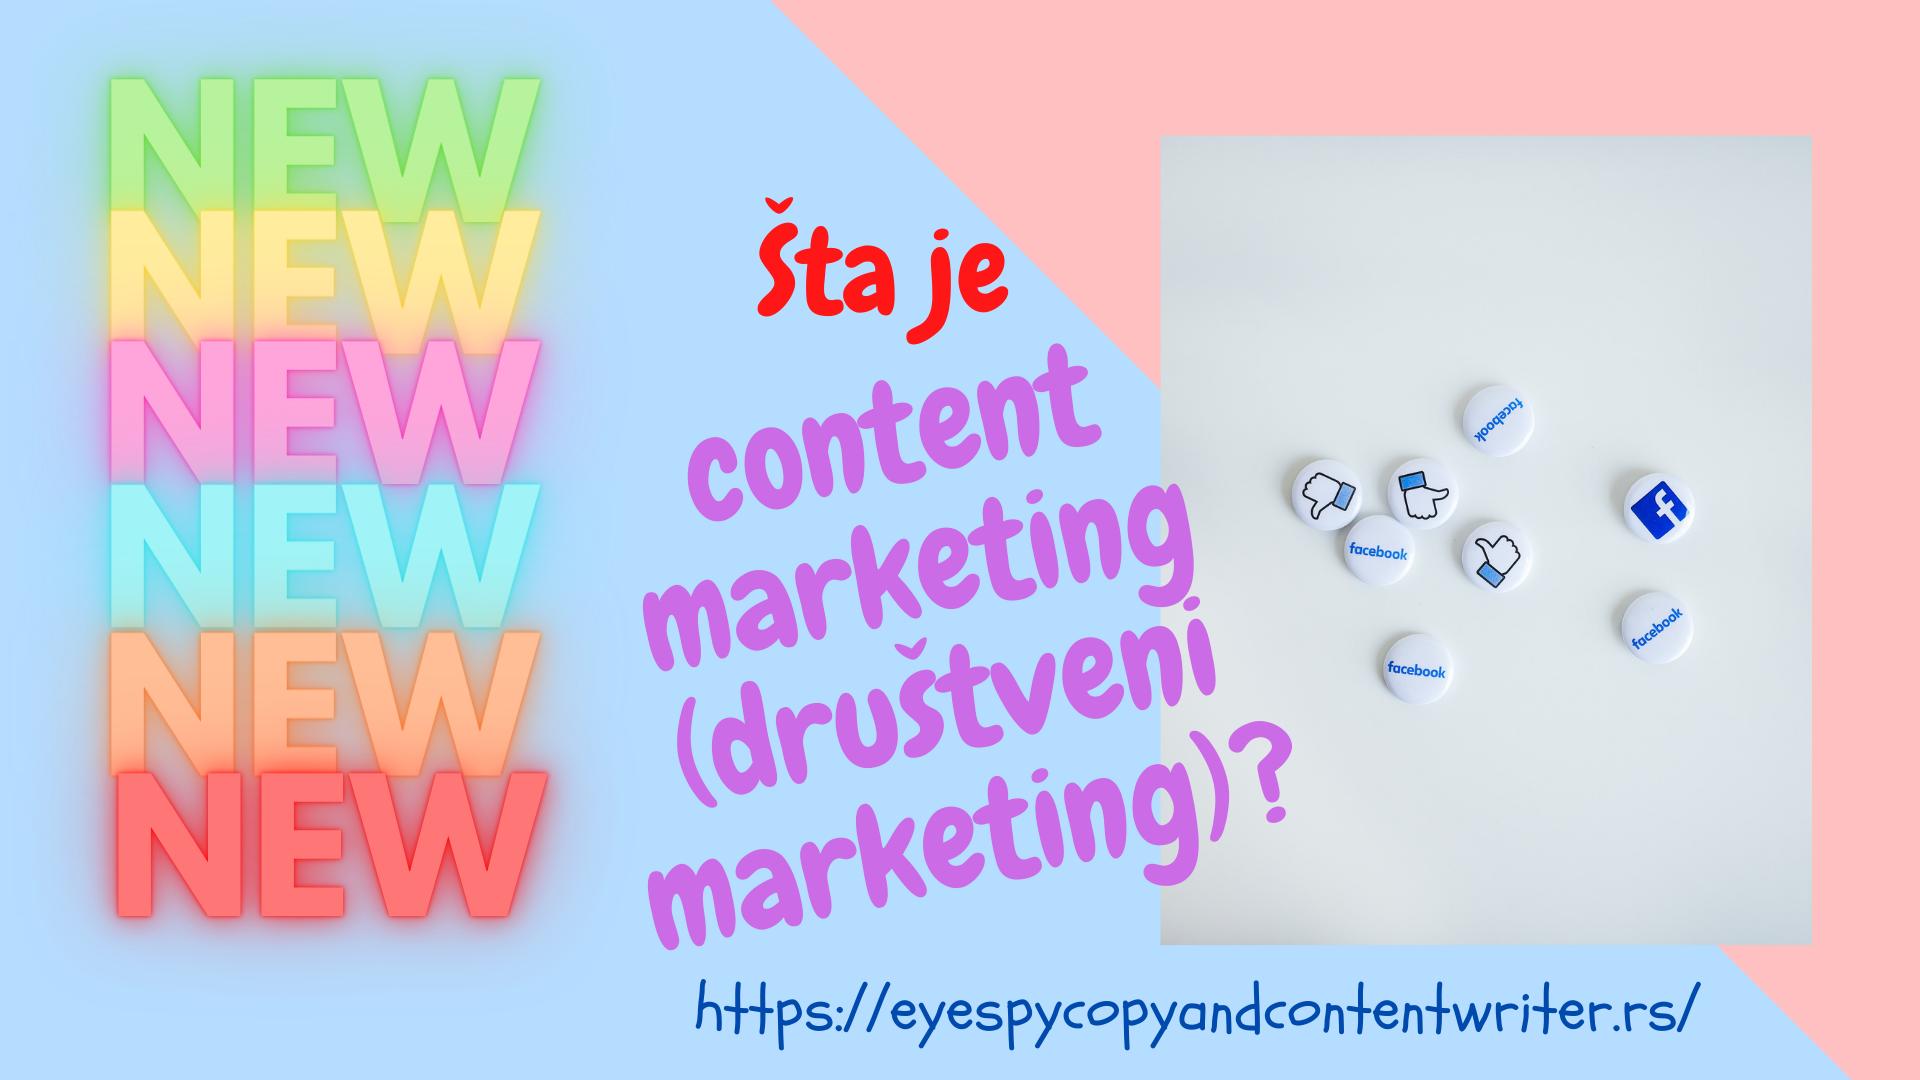 Šta je content marketing) društveni marketing)?